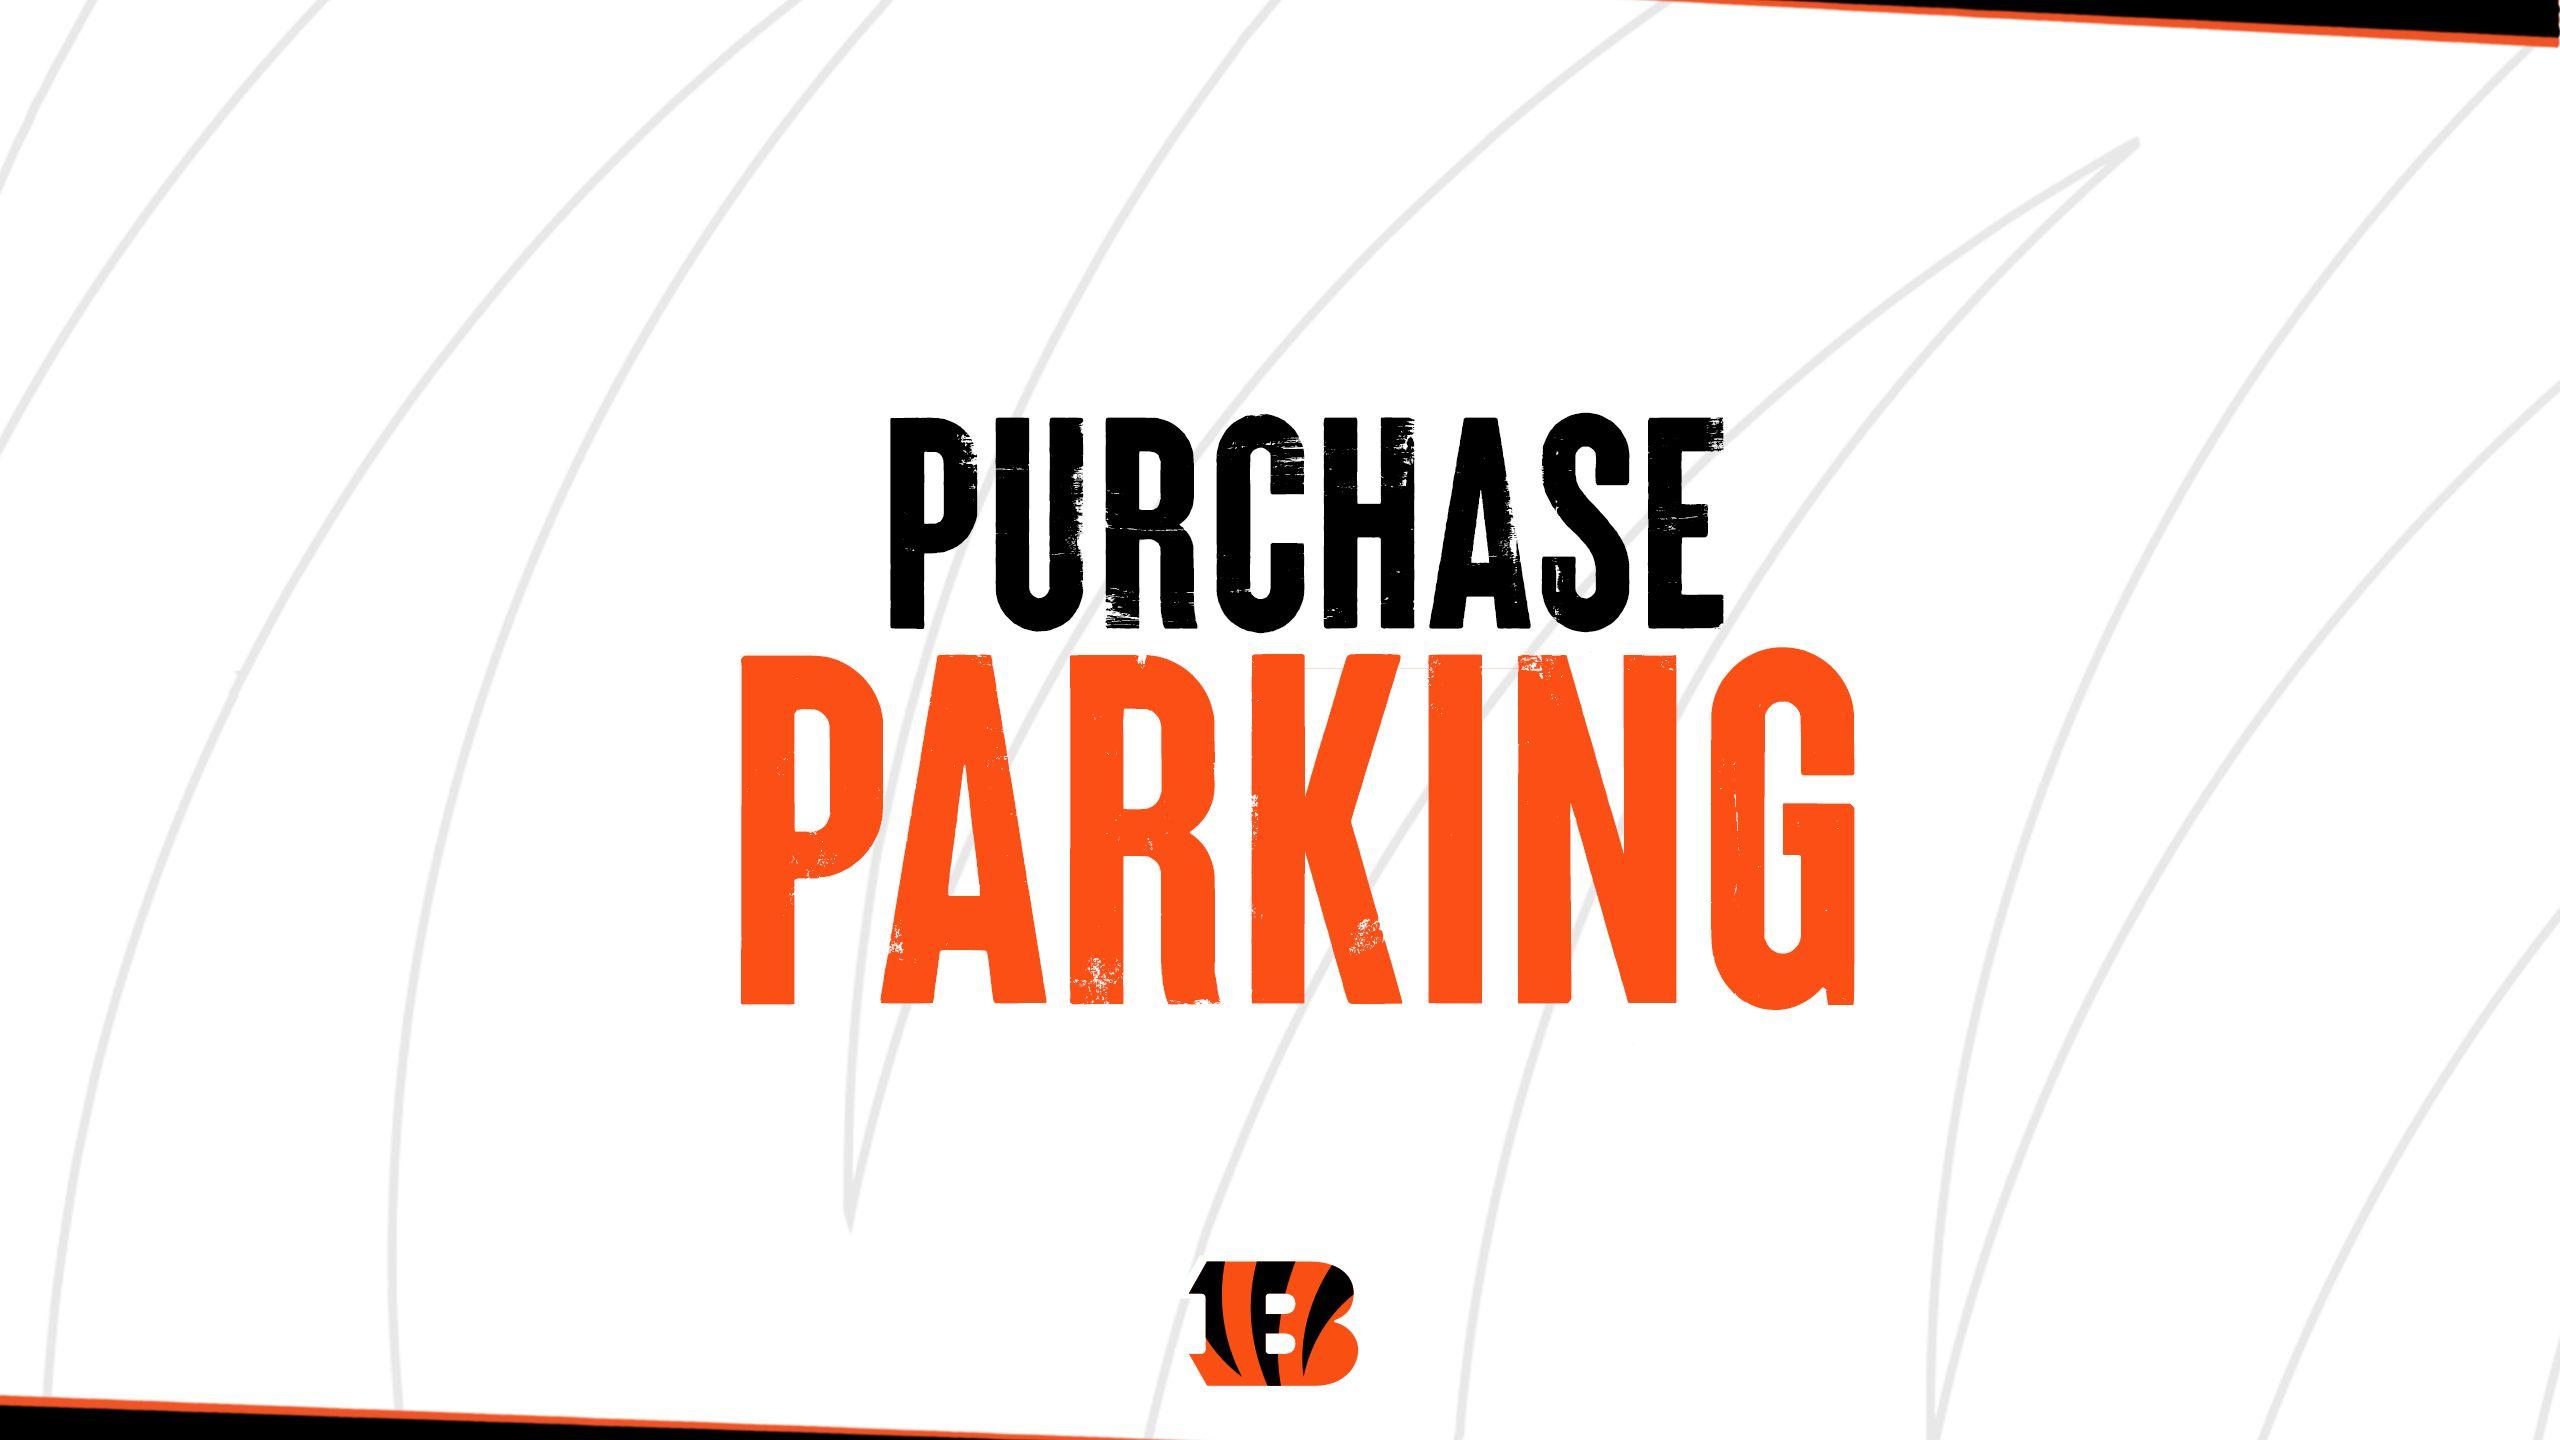 Buy Parking